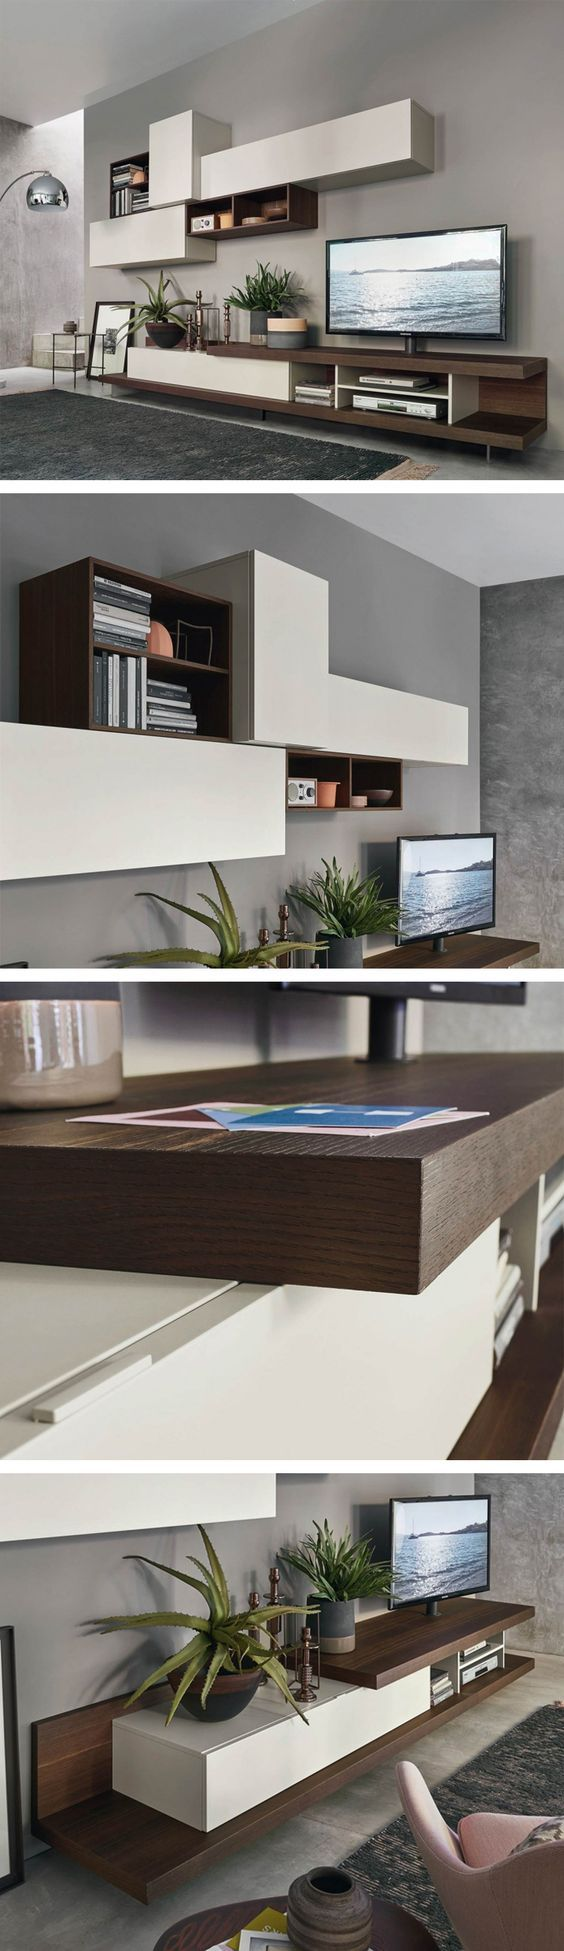 Die Livitalia Wohnwand C52 Mit Teils Offenen Und Geschlossenen Elementen. # Wohnwand #Wohnzimmer #